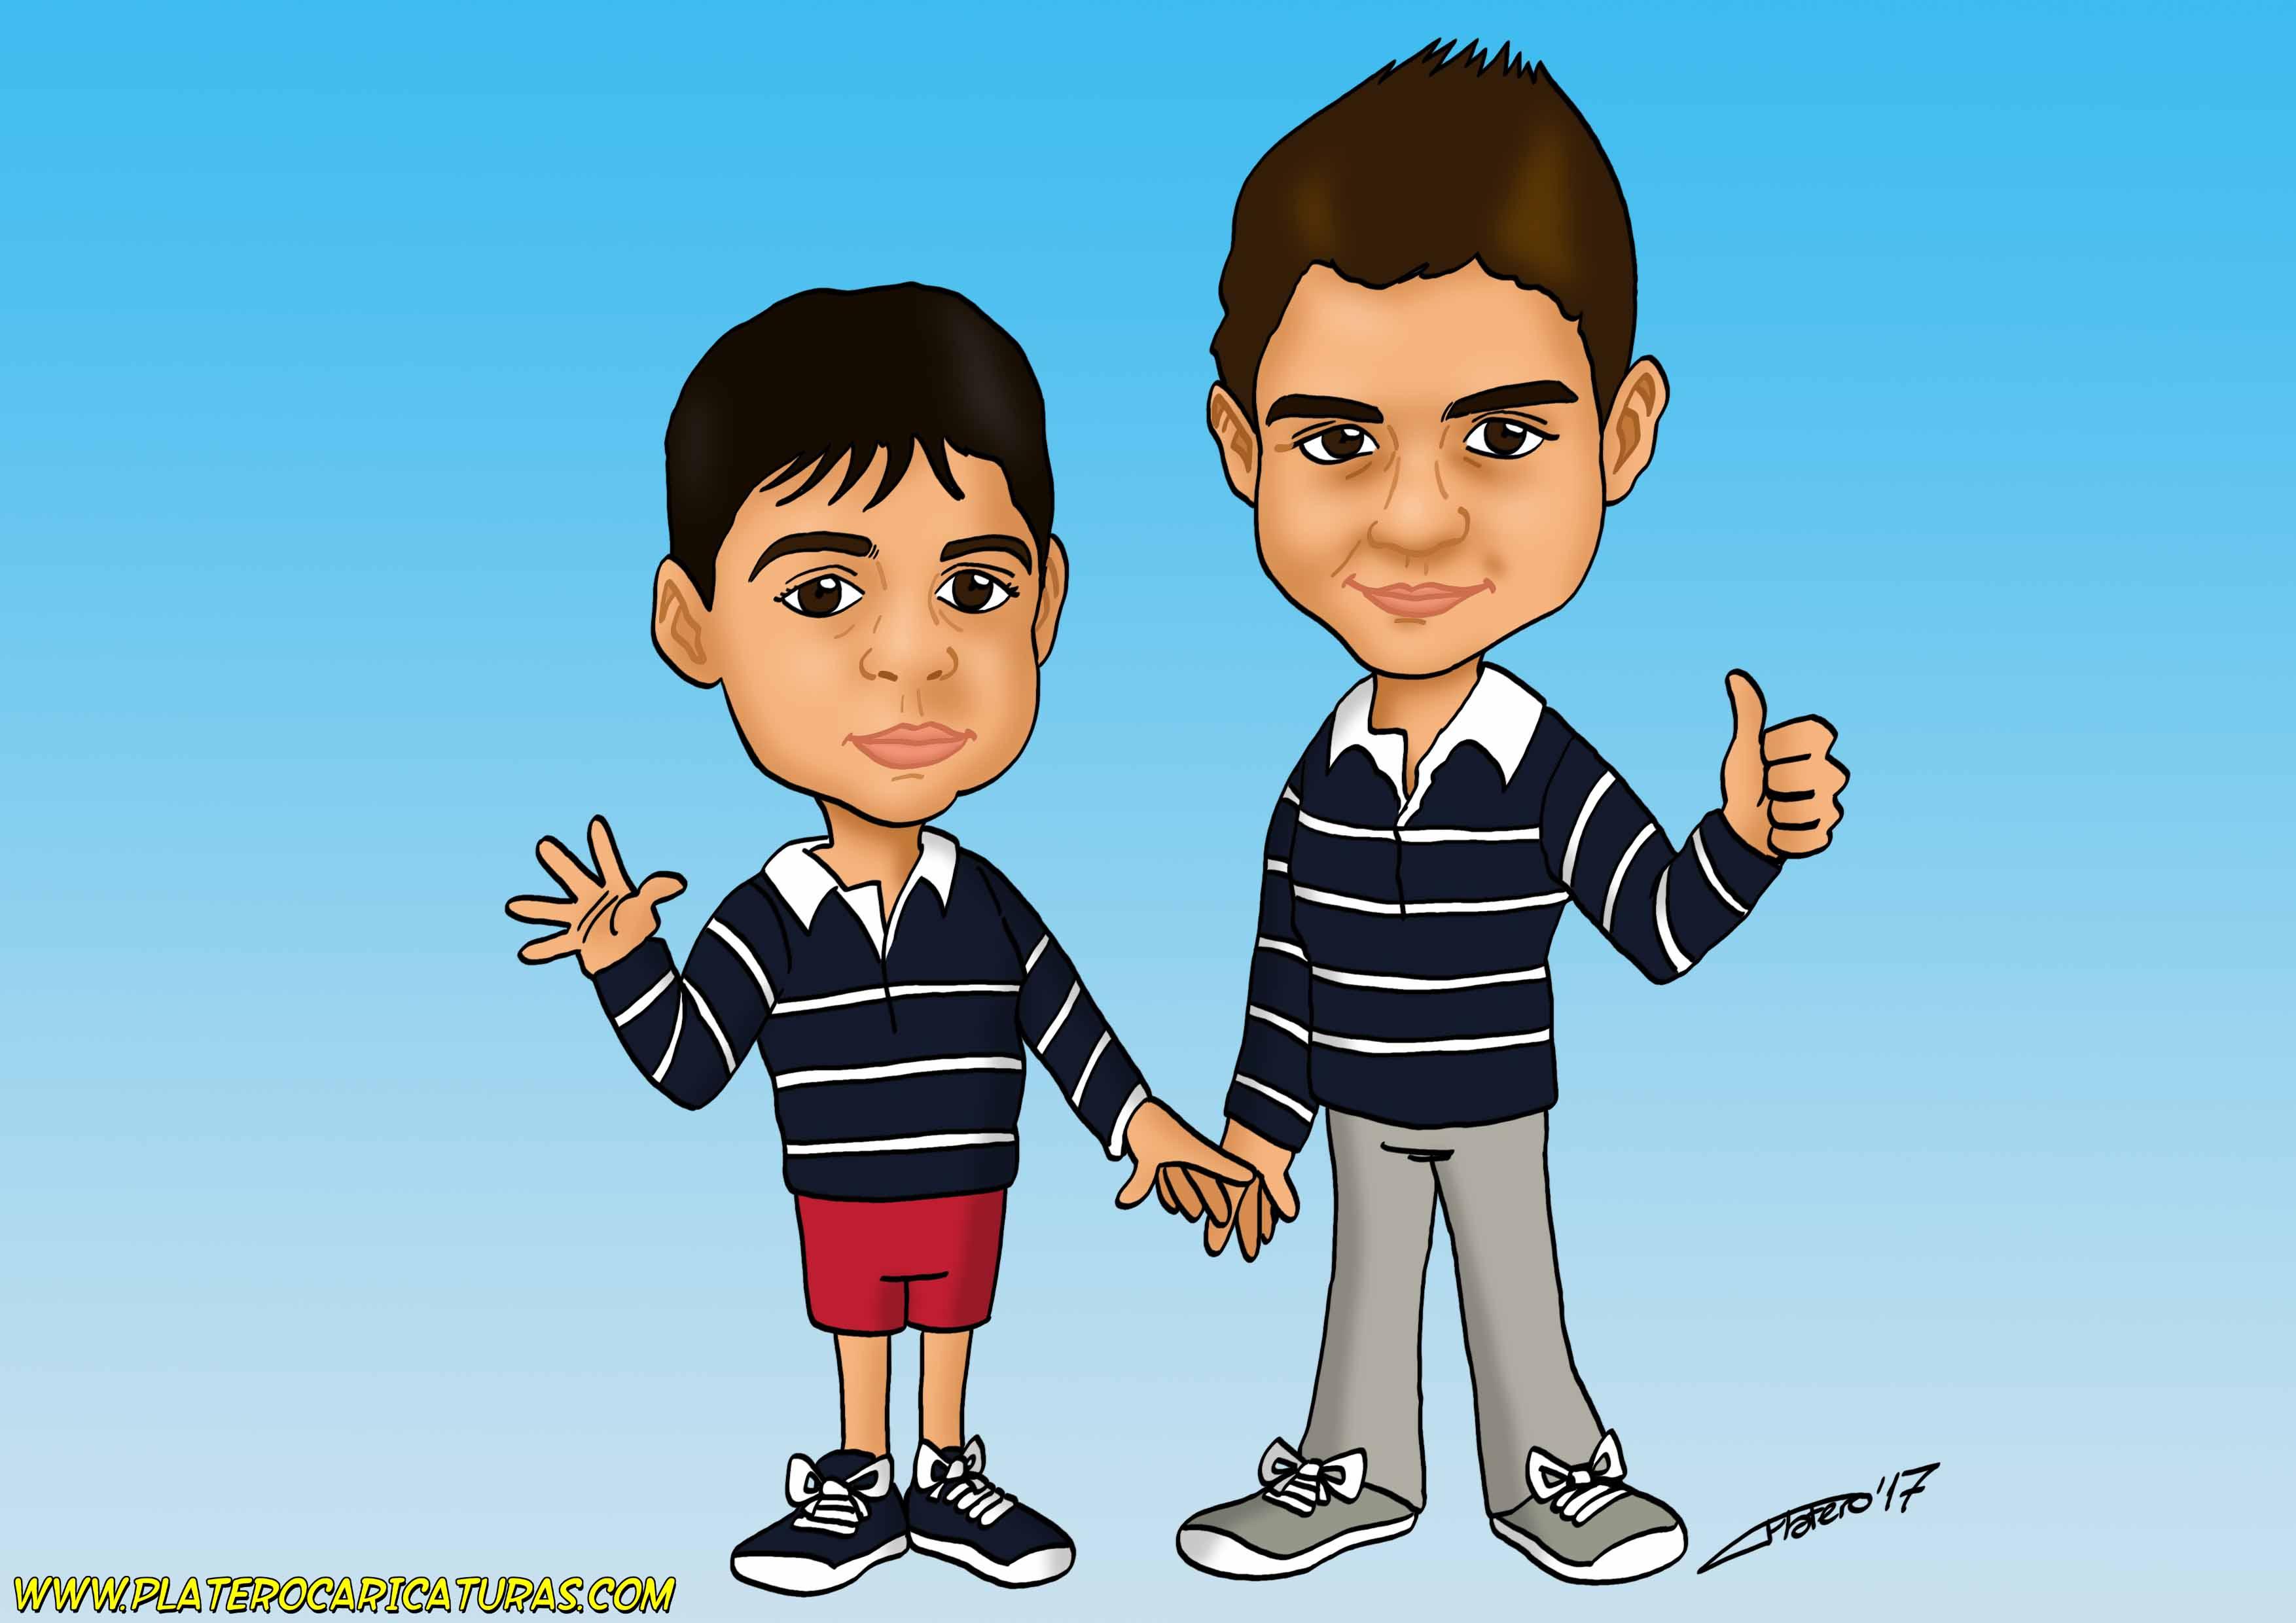 caricaturas_a_color_por_encargo_personalizadas_niños_platerocaricaturas_elmundodeplatero_josé_luis_p